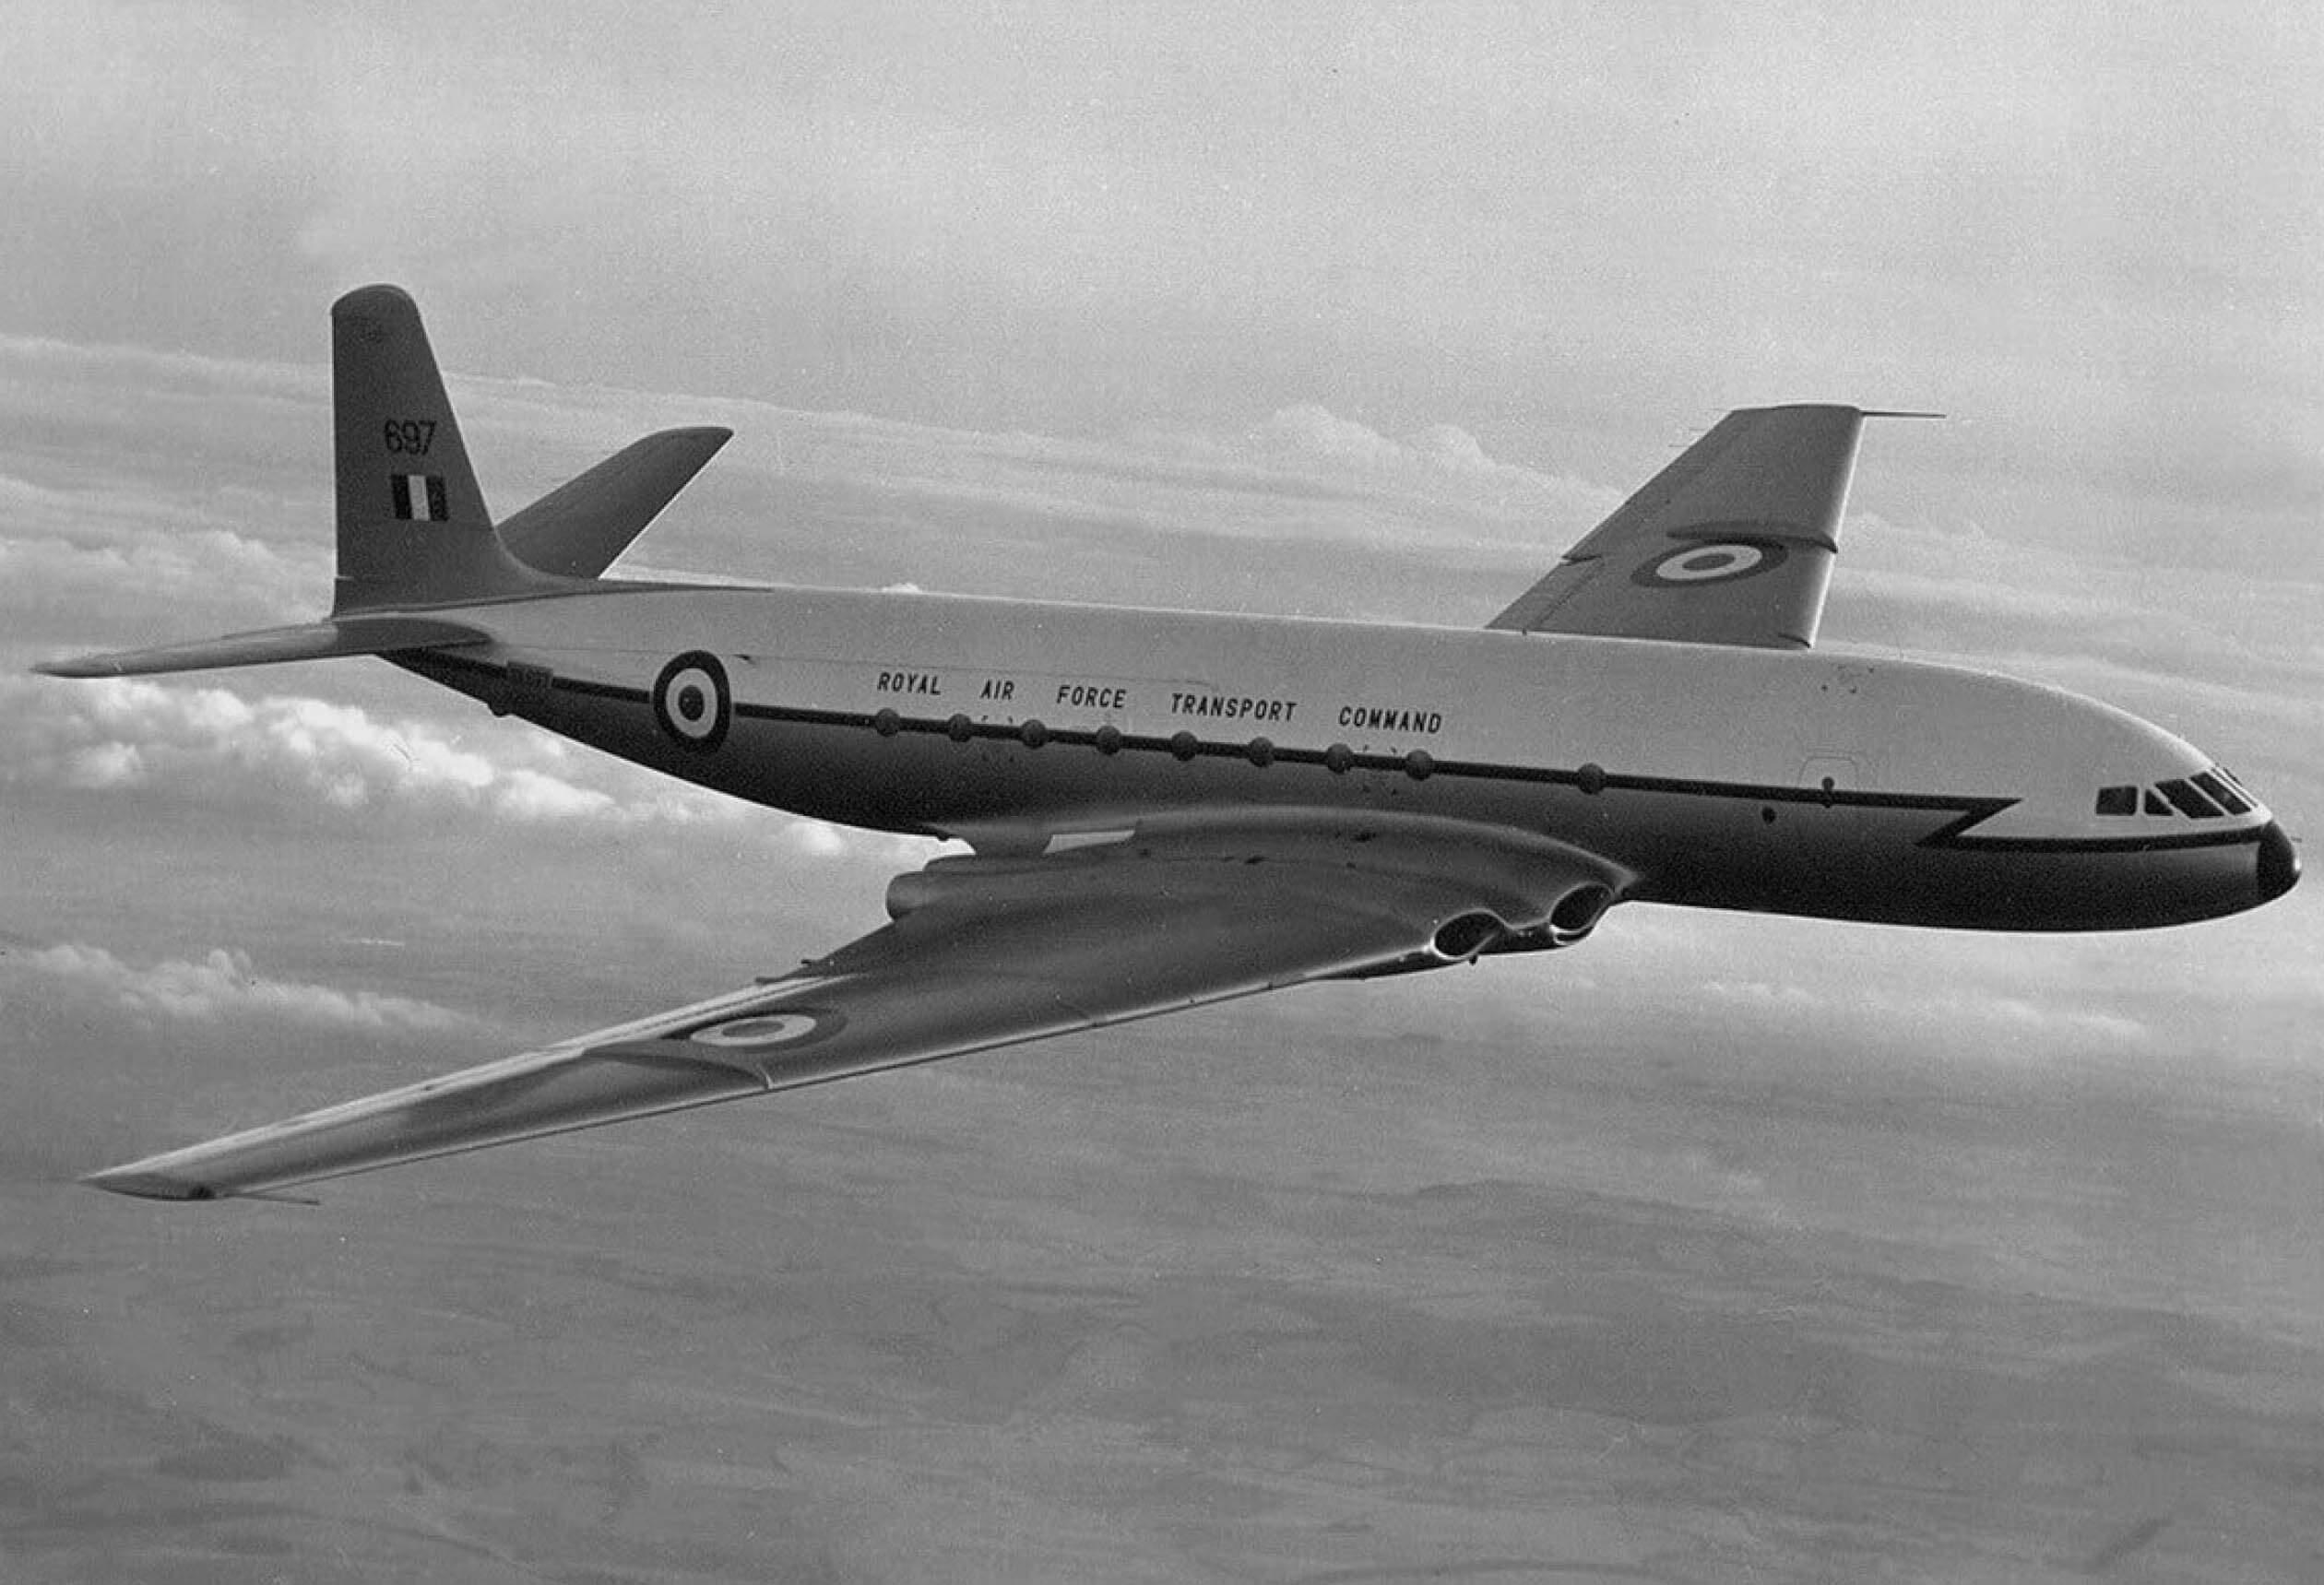 Flight Manual for the De Havilland DH106 Comet